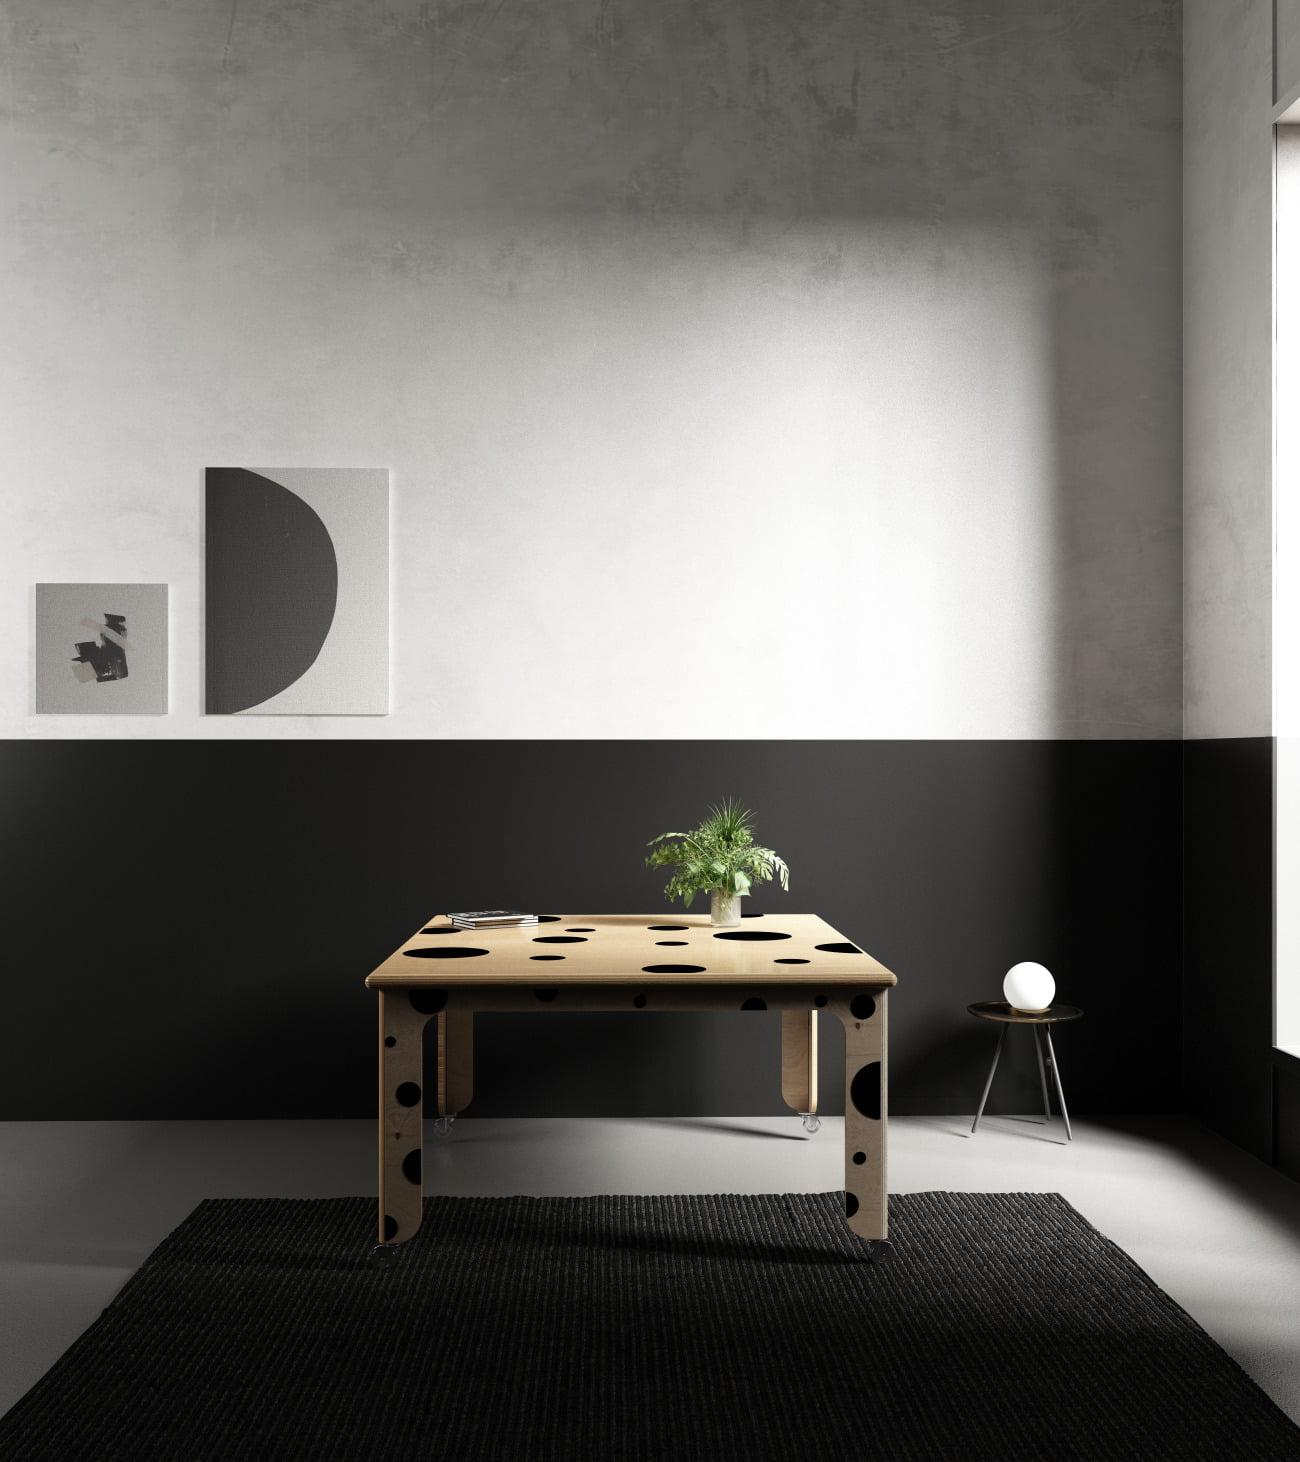 ping pong table, folding table, indoor table, mesa desing pong, mesa plegable, mesa de diseño, tavolo da ping pong, tavolo pieghevole, tavolo design